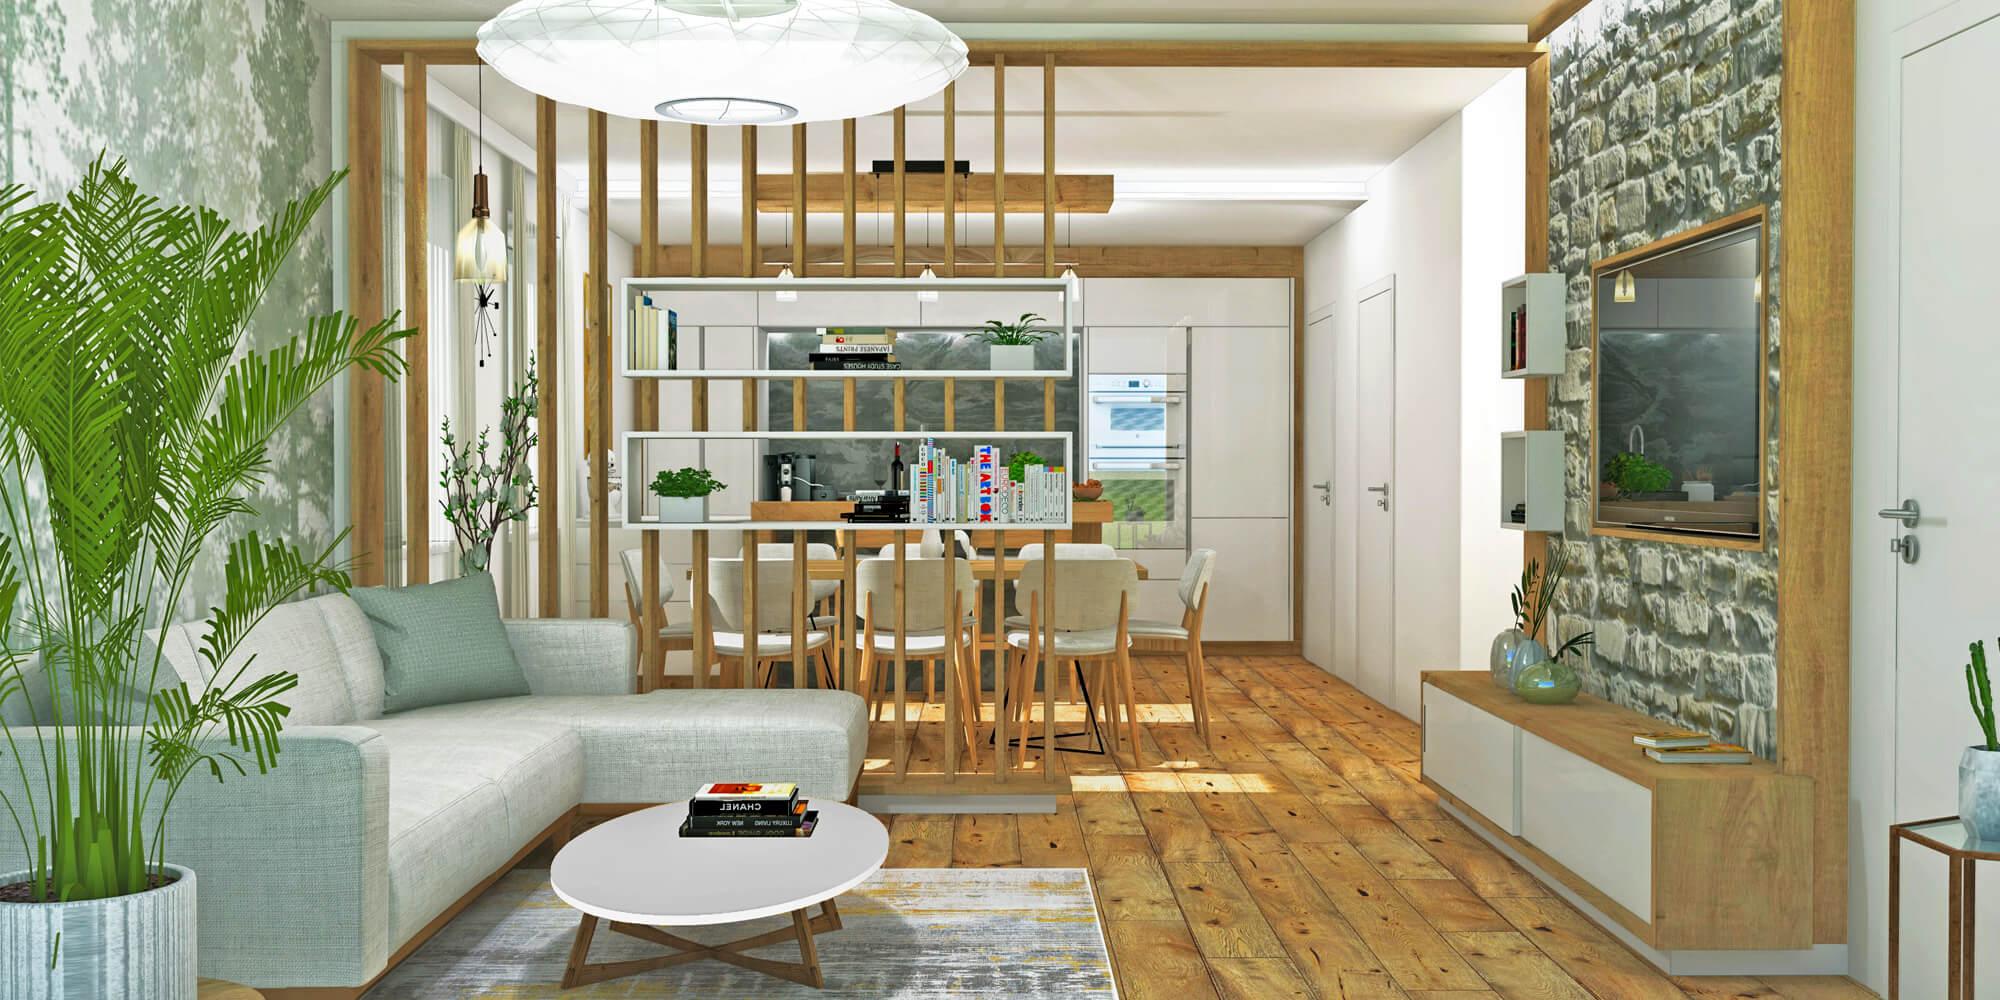 Cre-Plan-Design-Rauch-Frühmann-Architektur-Innenarchitektur-Design-Projekt-Referenz-Innenarchitektur-Möbeldesign-Einrichtung-Kochen-Essen-3